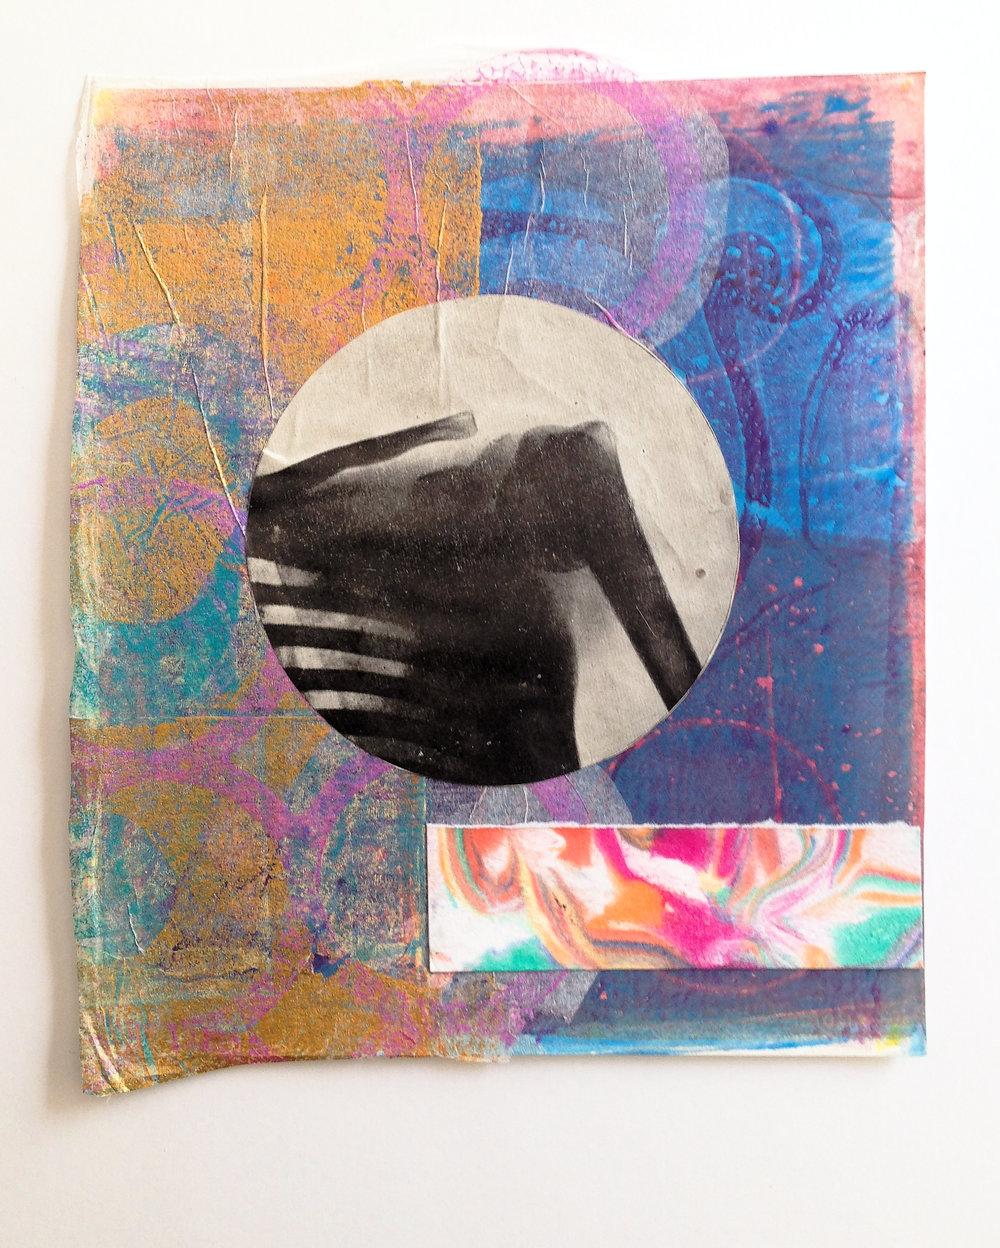 Prodding Collage III